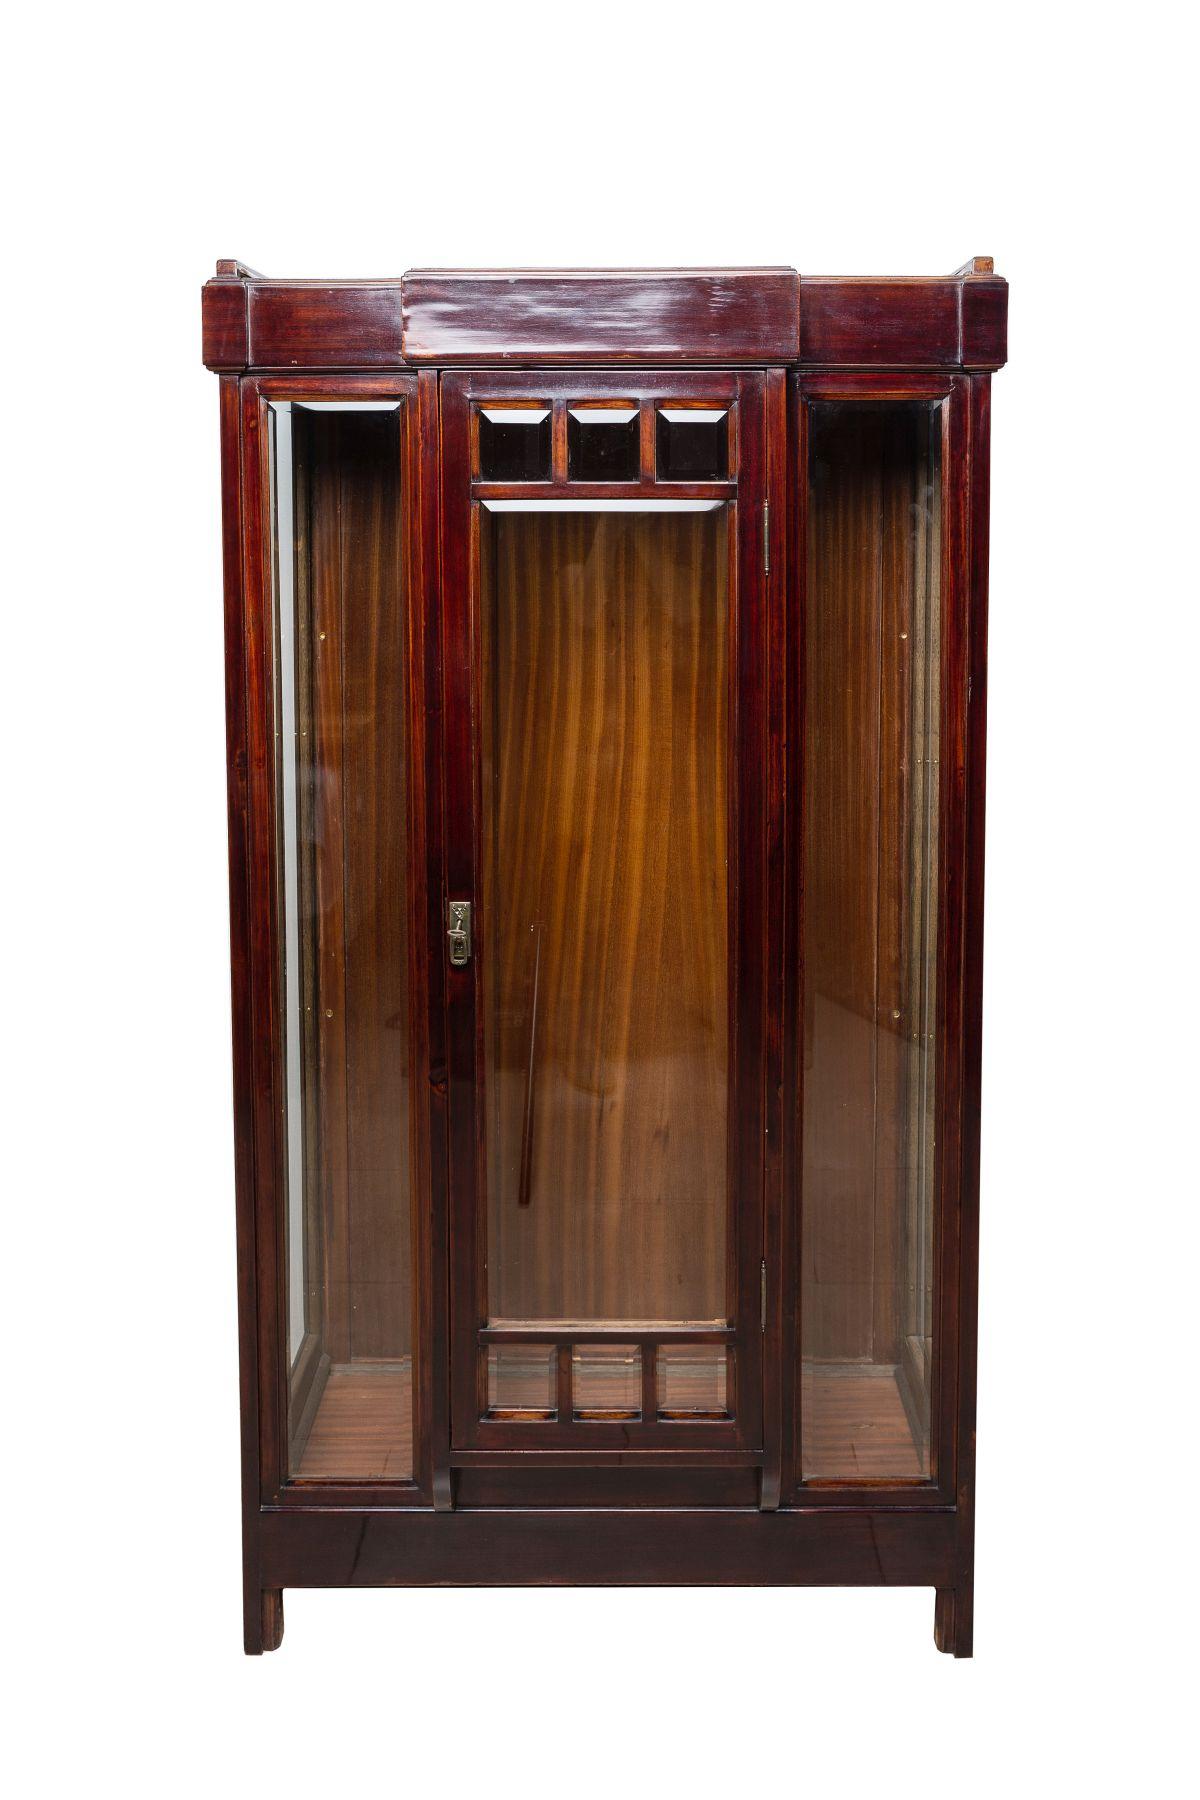 #8 Art Nouveau Glass Display Cabinet, Early 20th C. | Jugendstil Glasvitrine, frühes 20. Jh. Image